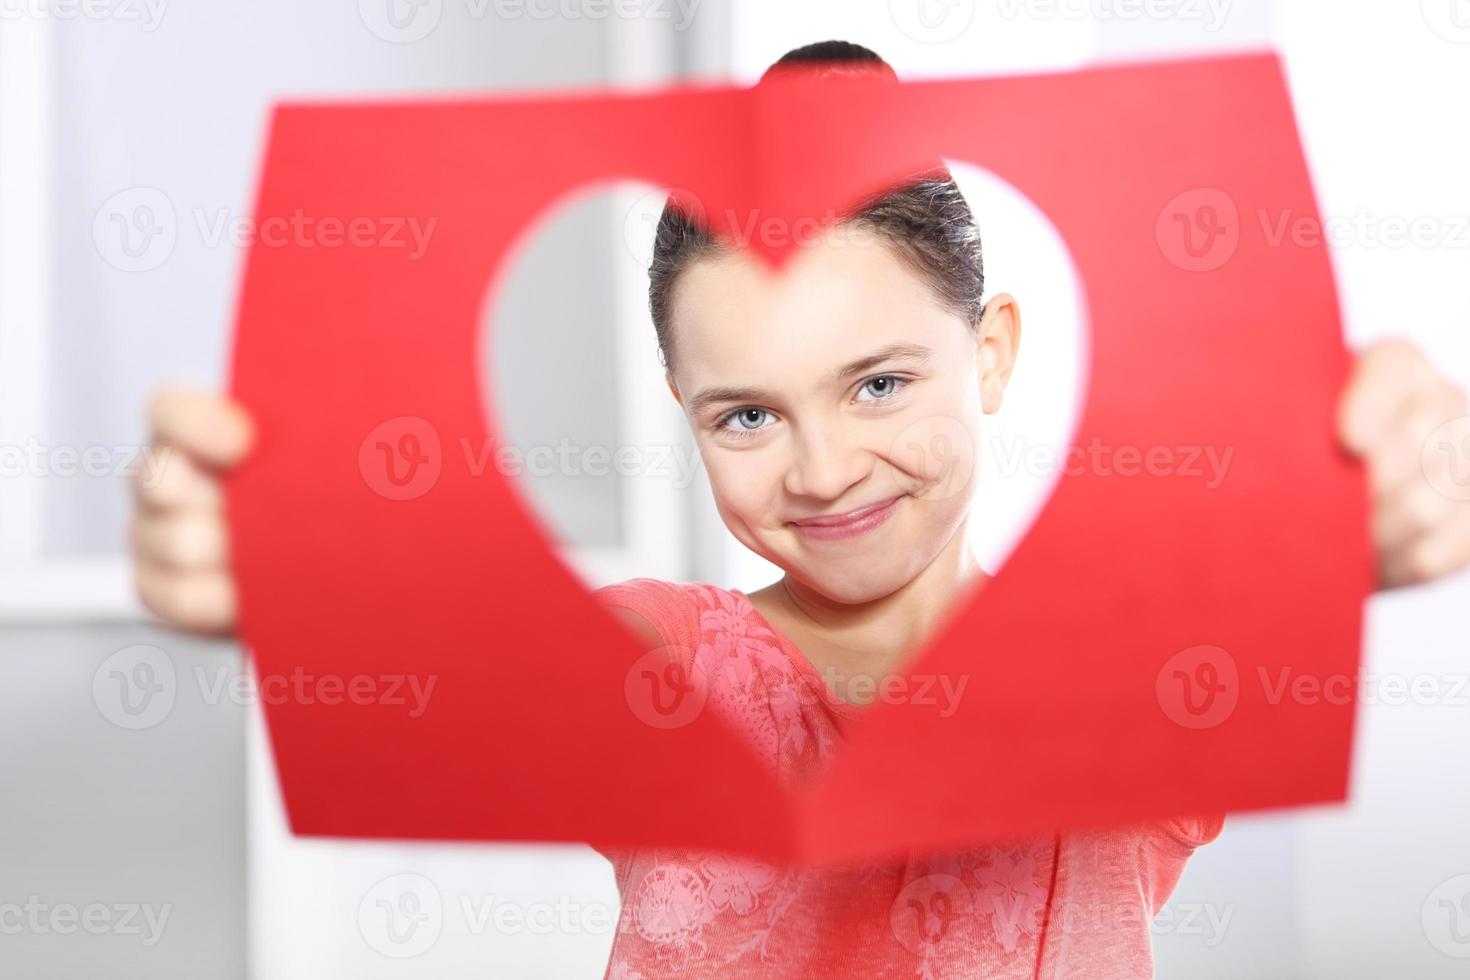 Valentine's Day card photo